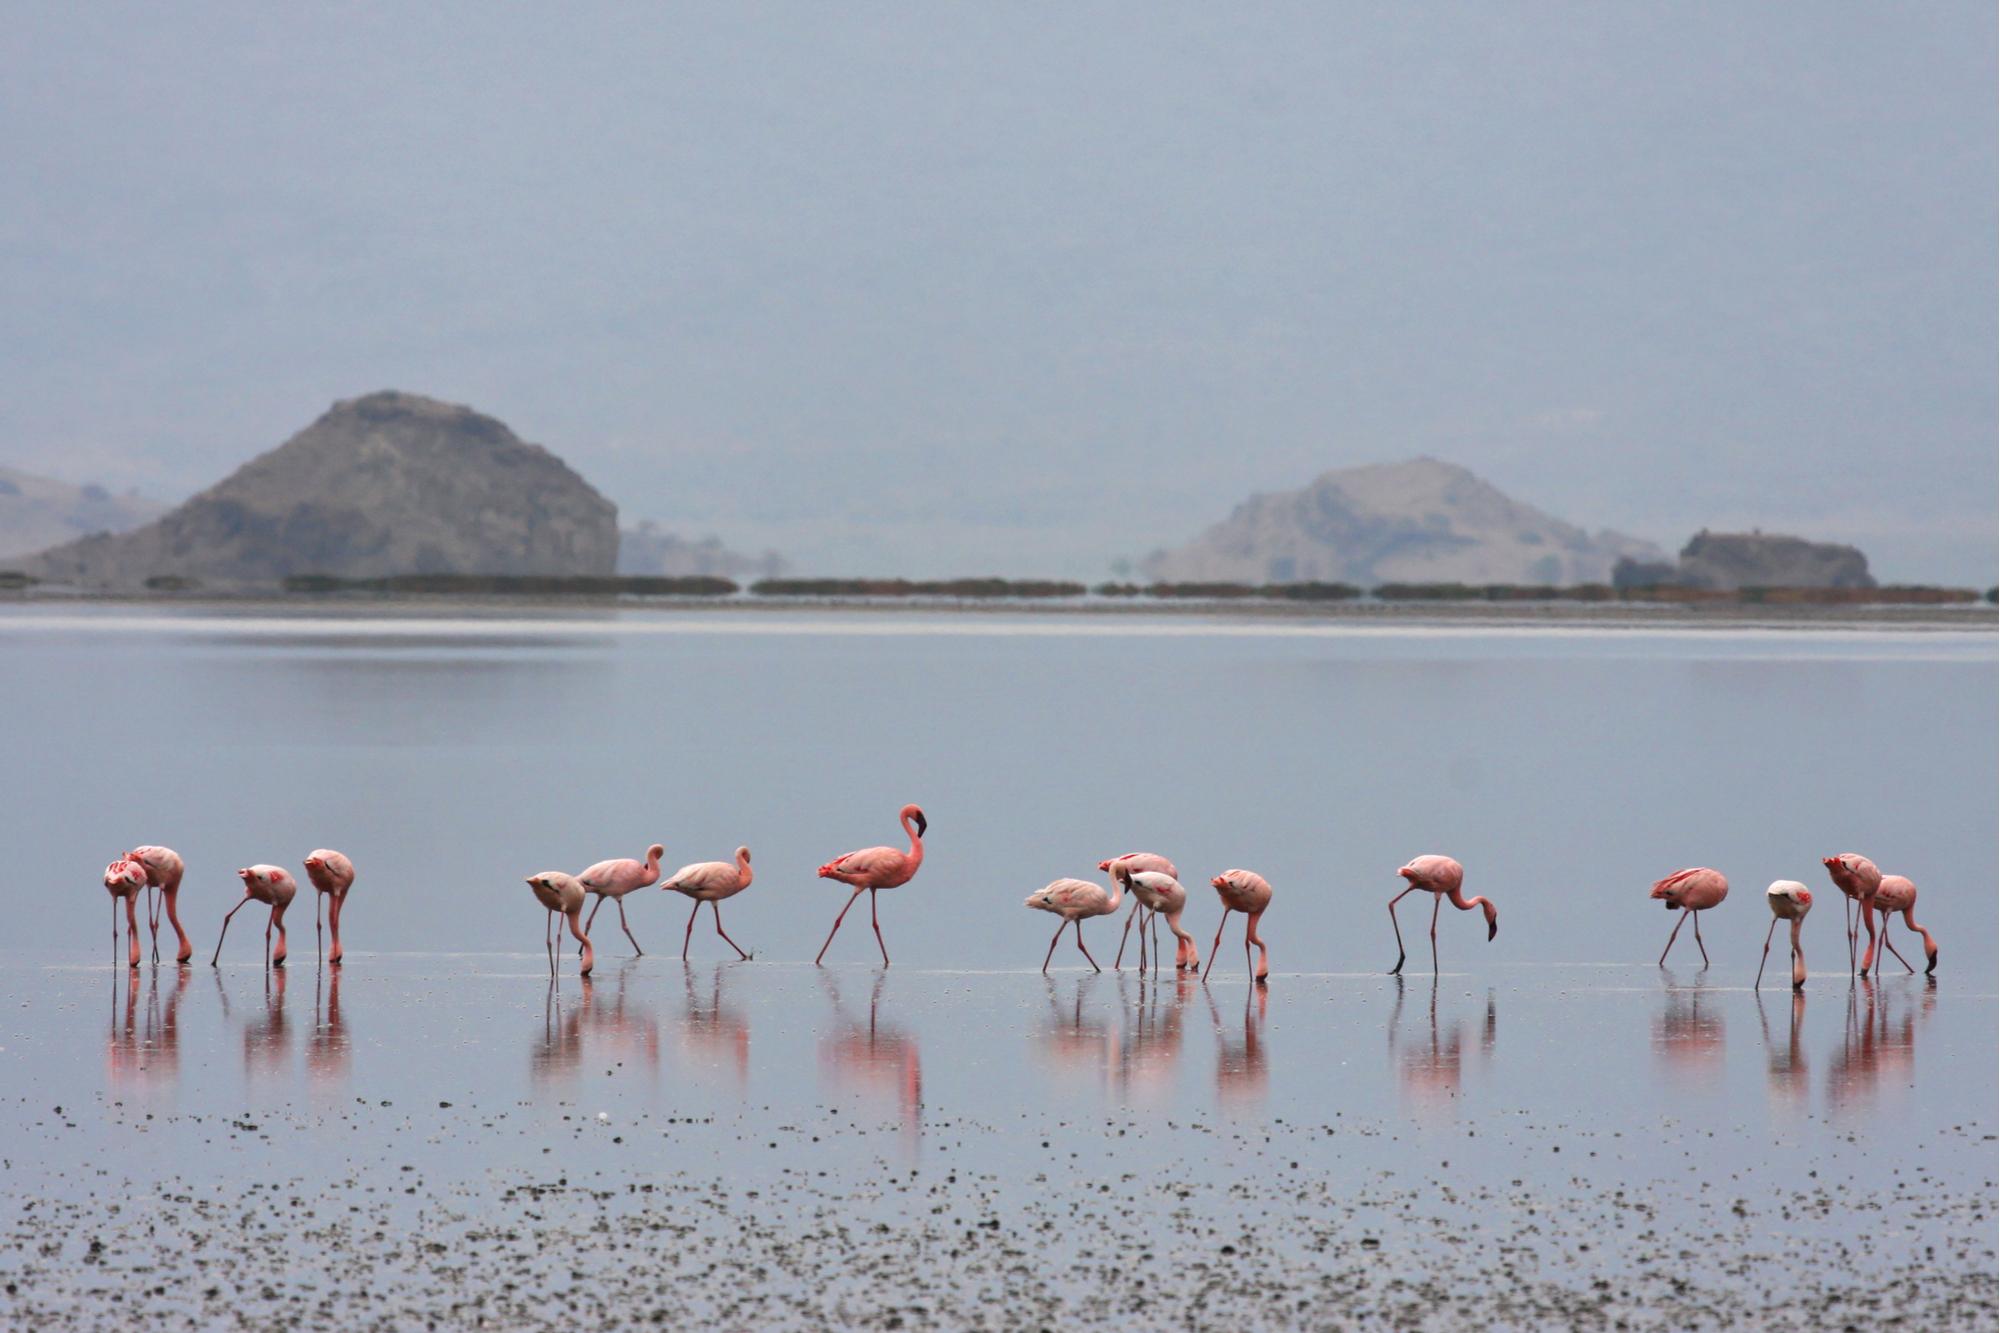 Flamingoes at Lake Natron